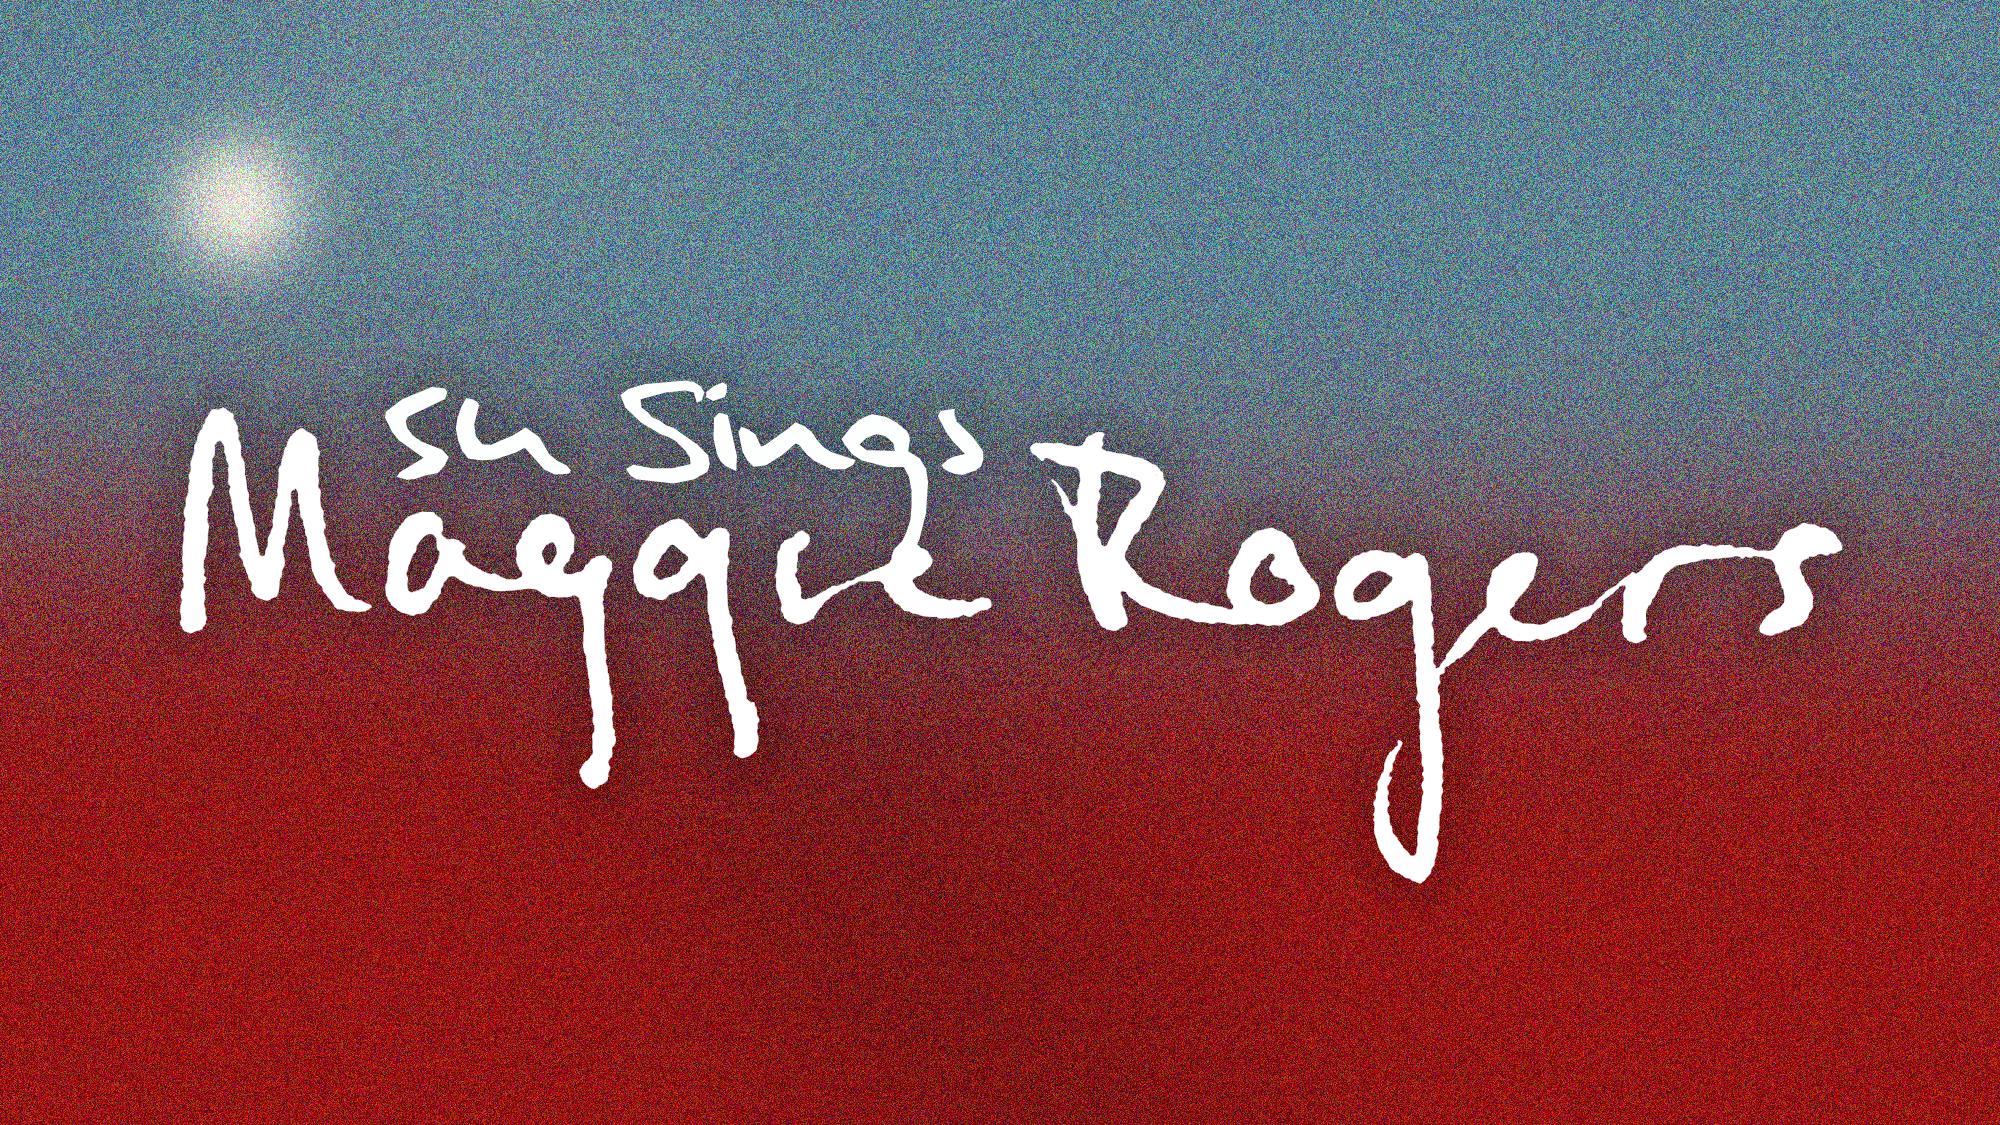 54 Sings Maggie Rogers